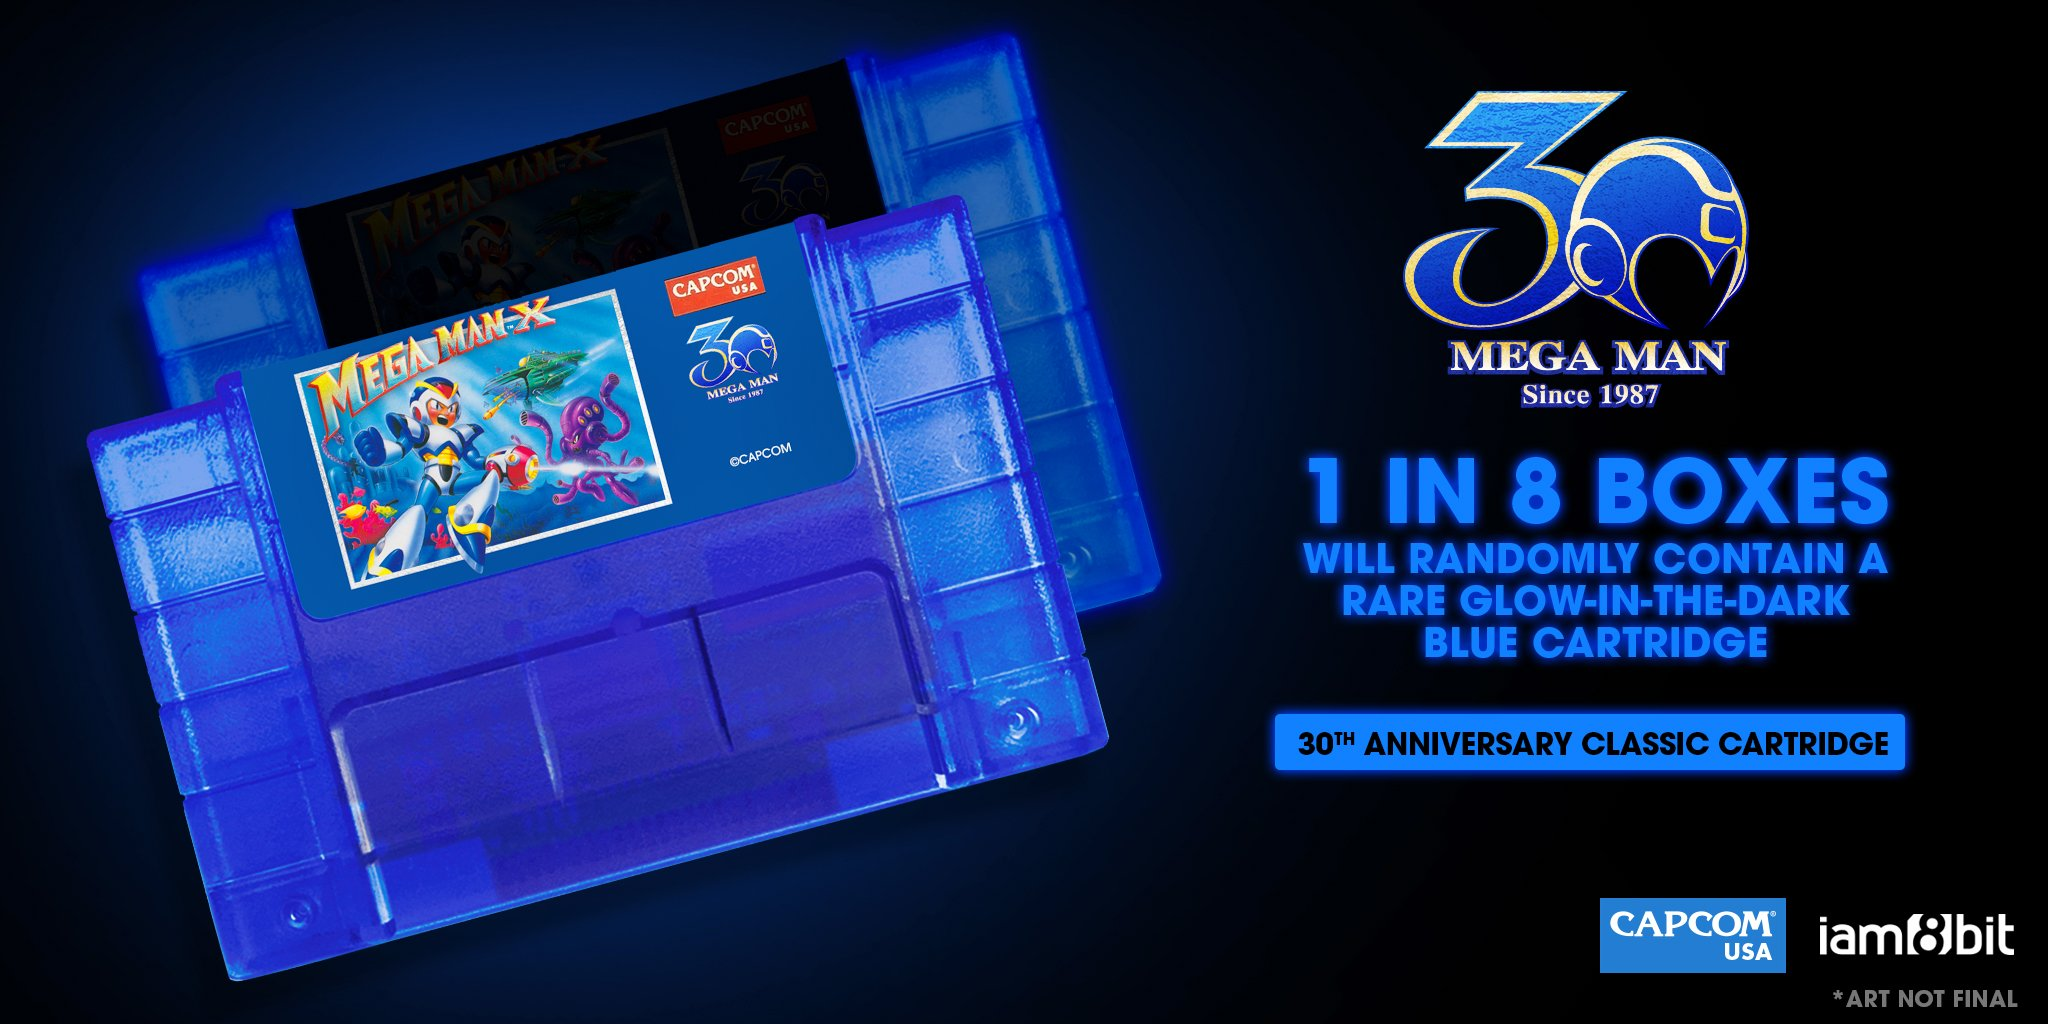 04-Mega_Man_2-30th_Anniversary_Classic_Cartridge_d7d7337d-7558-4cb0-b847-a9f4f11daceb.JPG